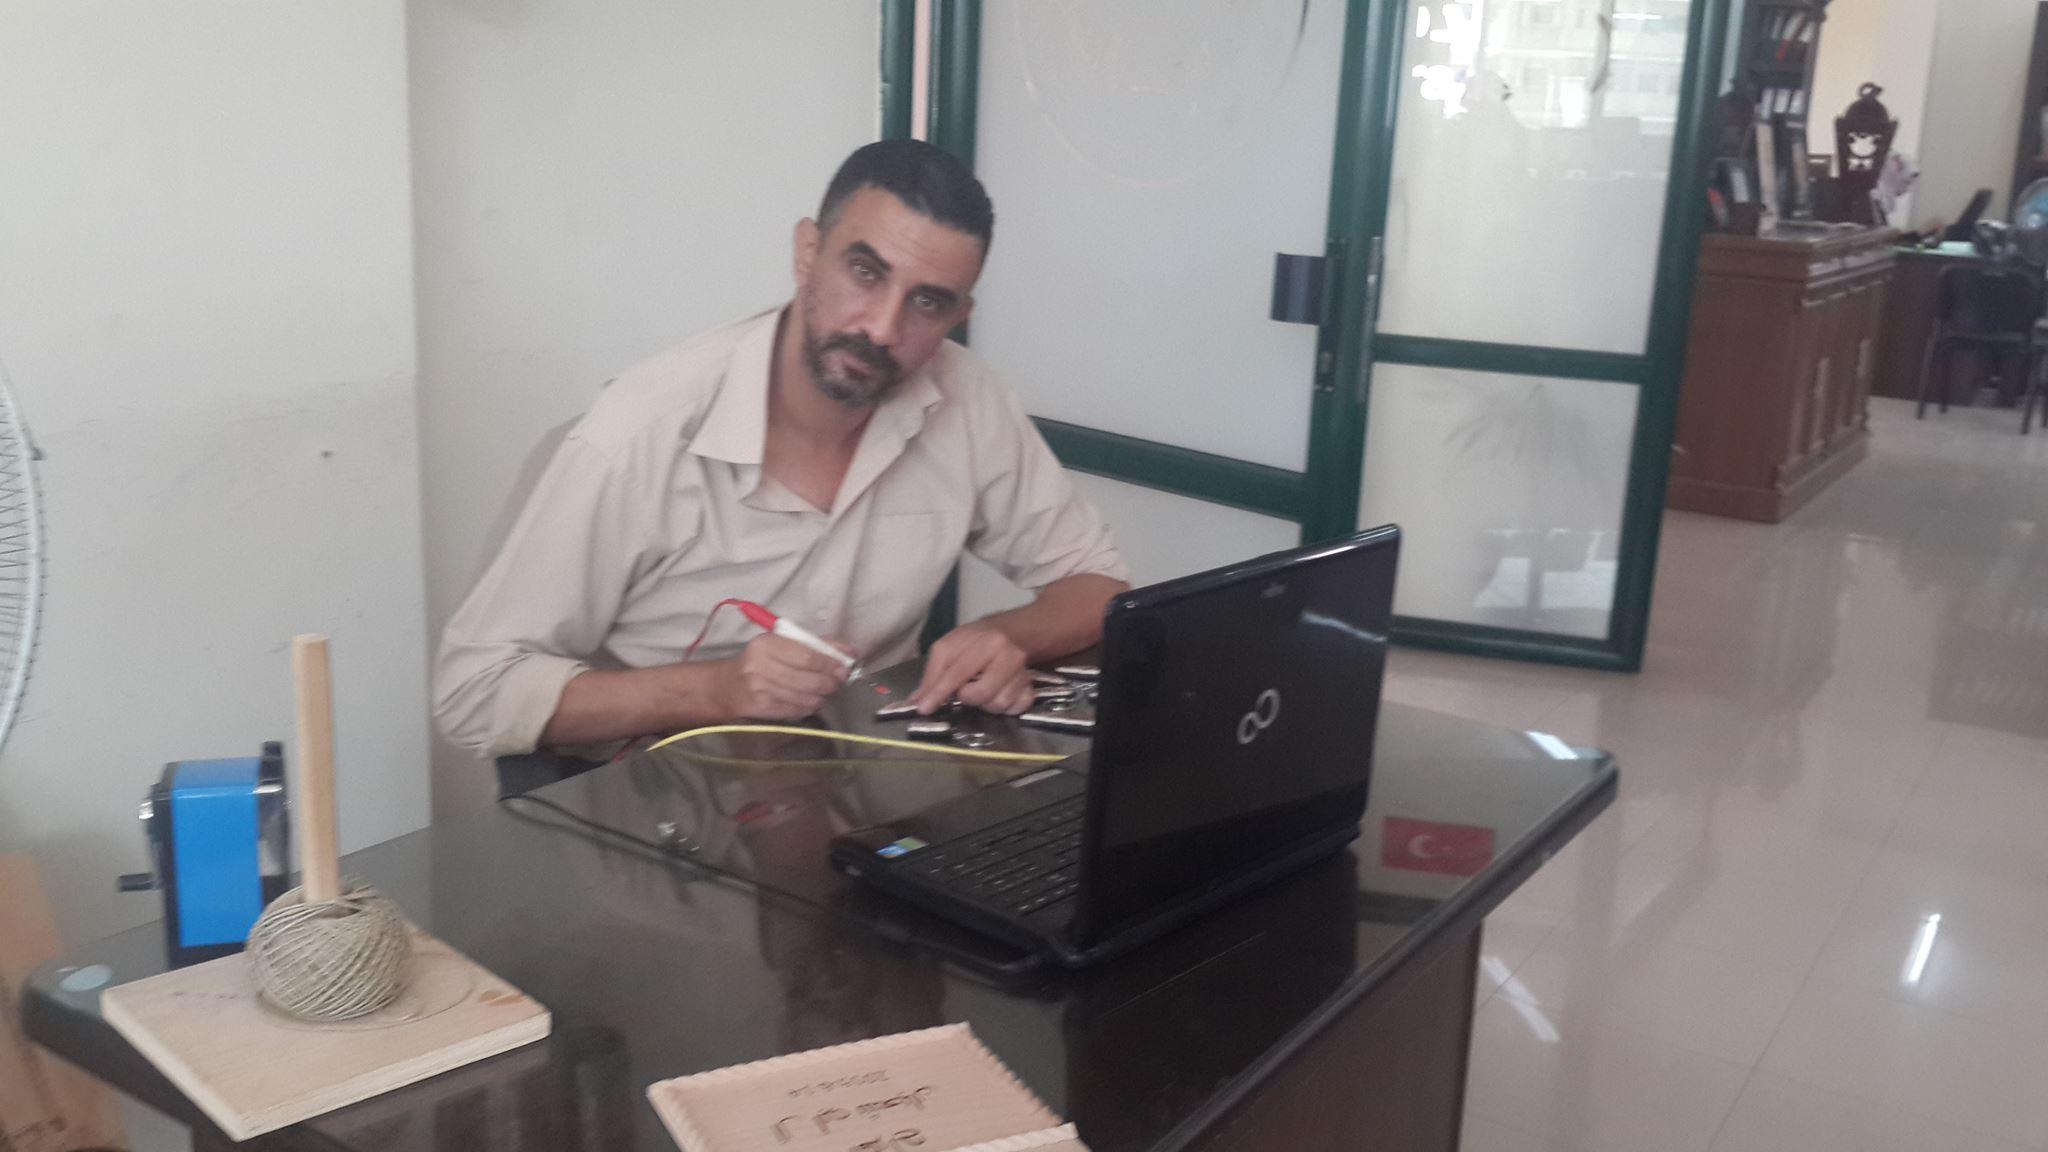 برنامج إرادة قصص نجاح لذوي الاحتياجات الخاصة في غزة - صورة 3